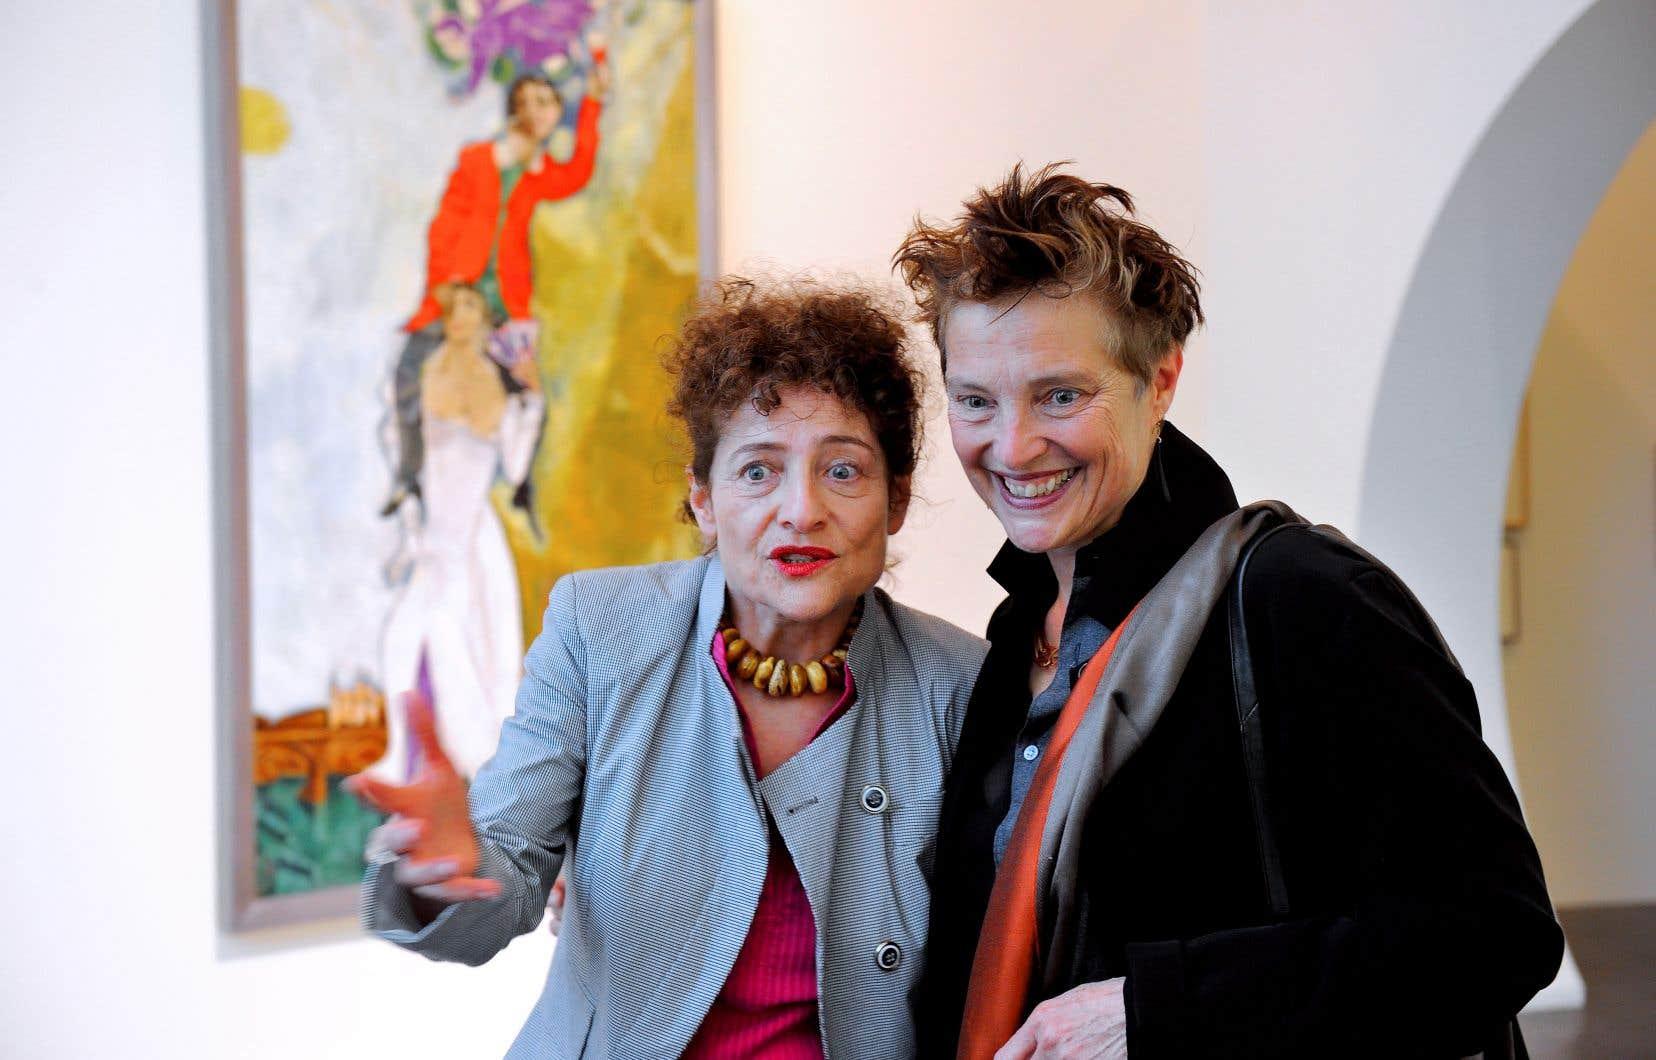 Les sœurs Meret et Bella Meyer, petites-filles du peintre Marc Chagall, regrettent vivement la décision du Musée des beaux-arts du Canada.